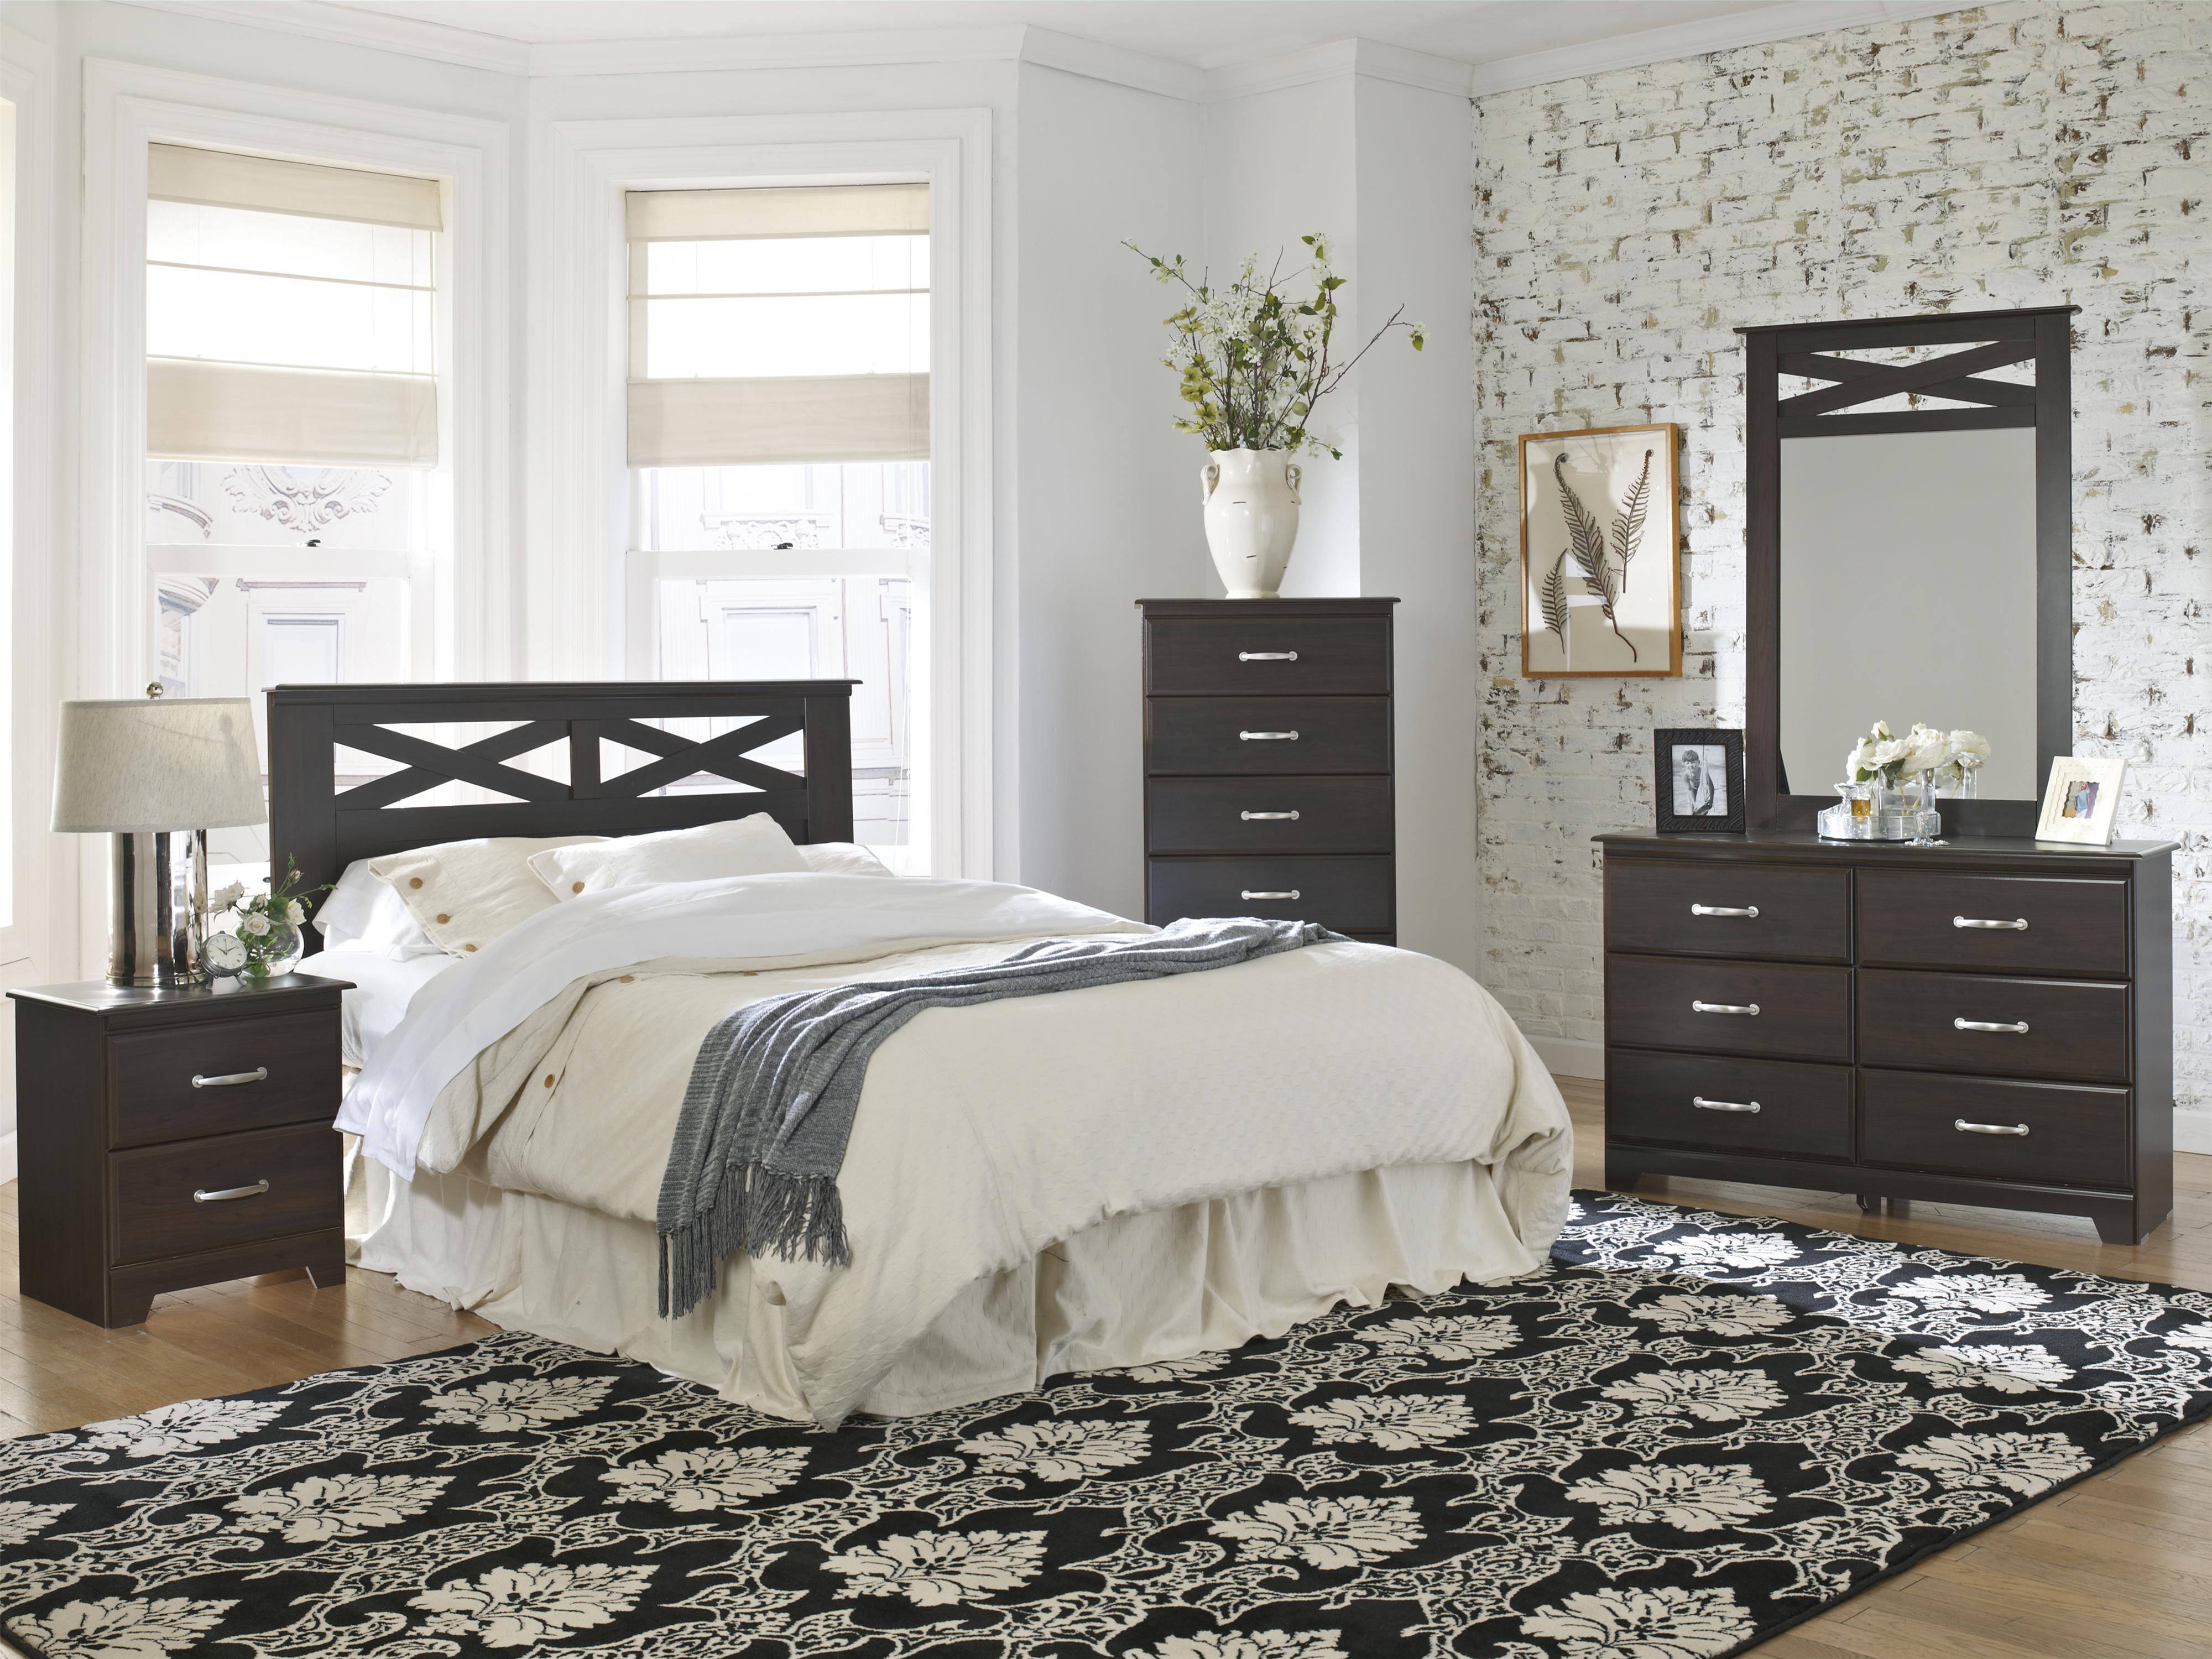 Lang Berlin Queen Bedroom Group   A1 Furniture & Mattress   Bedroom ...